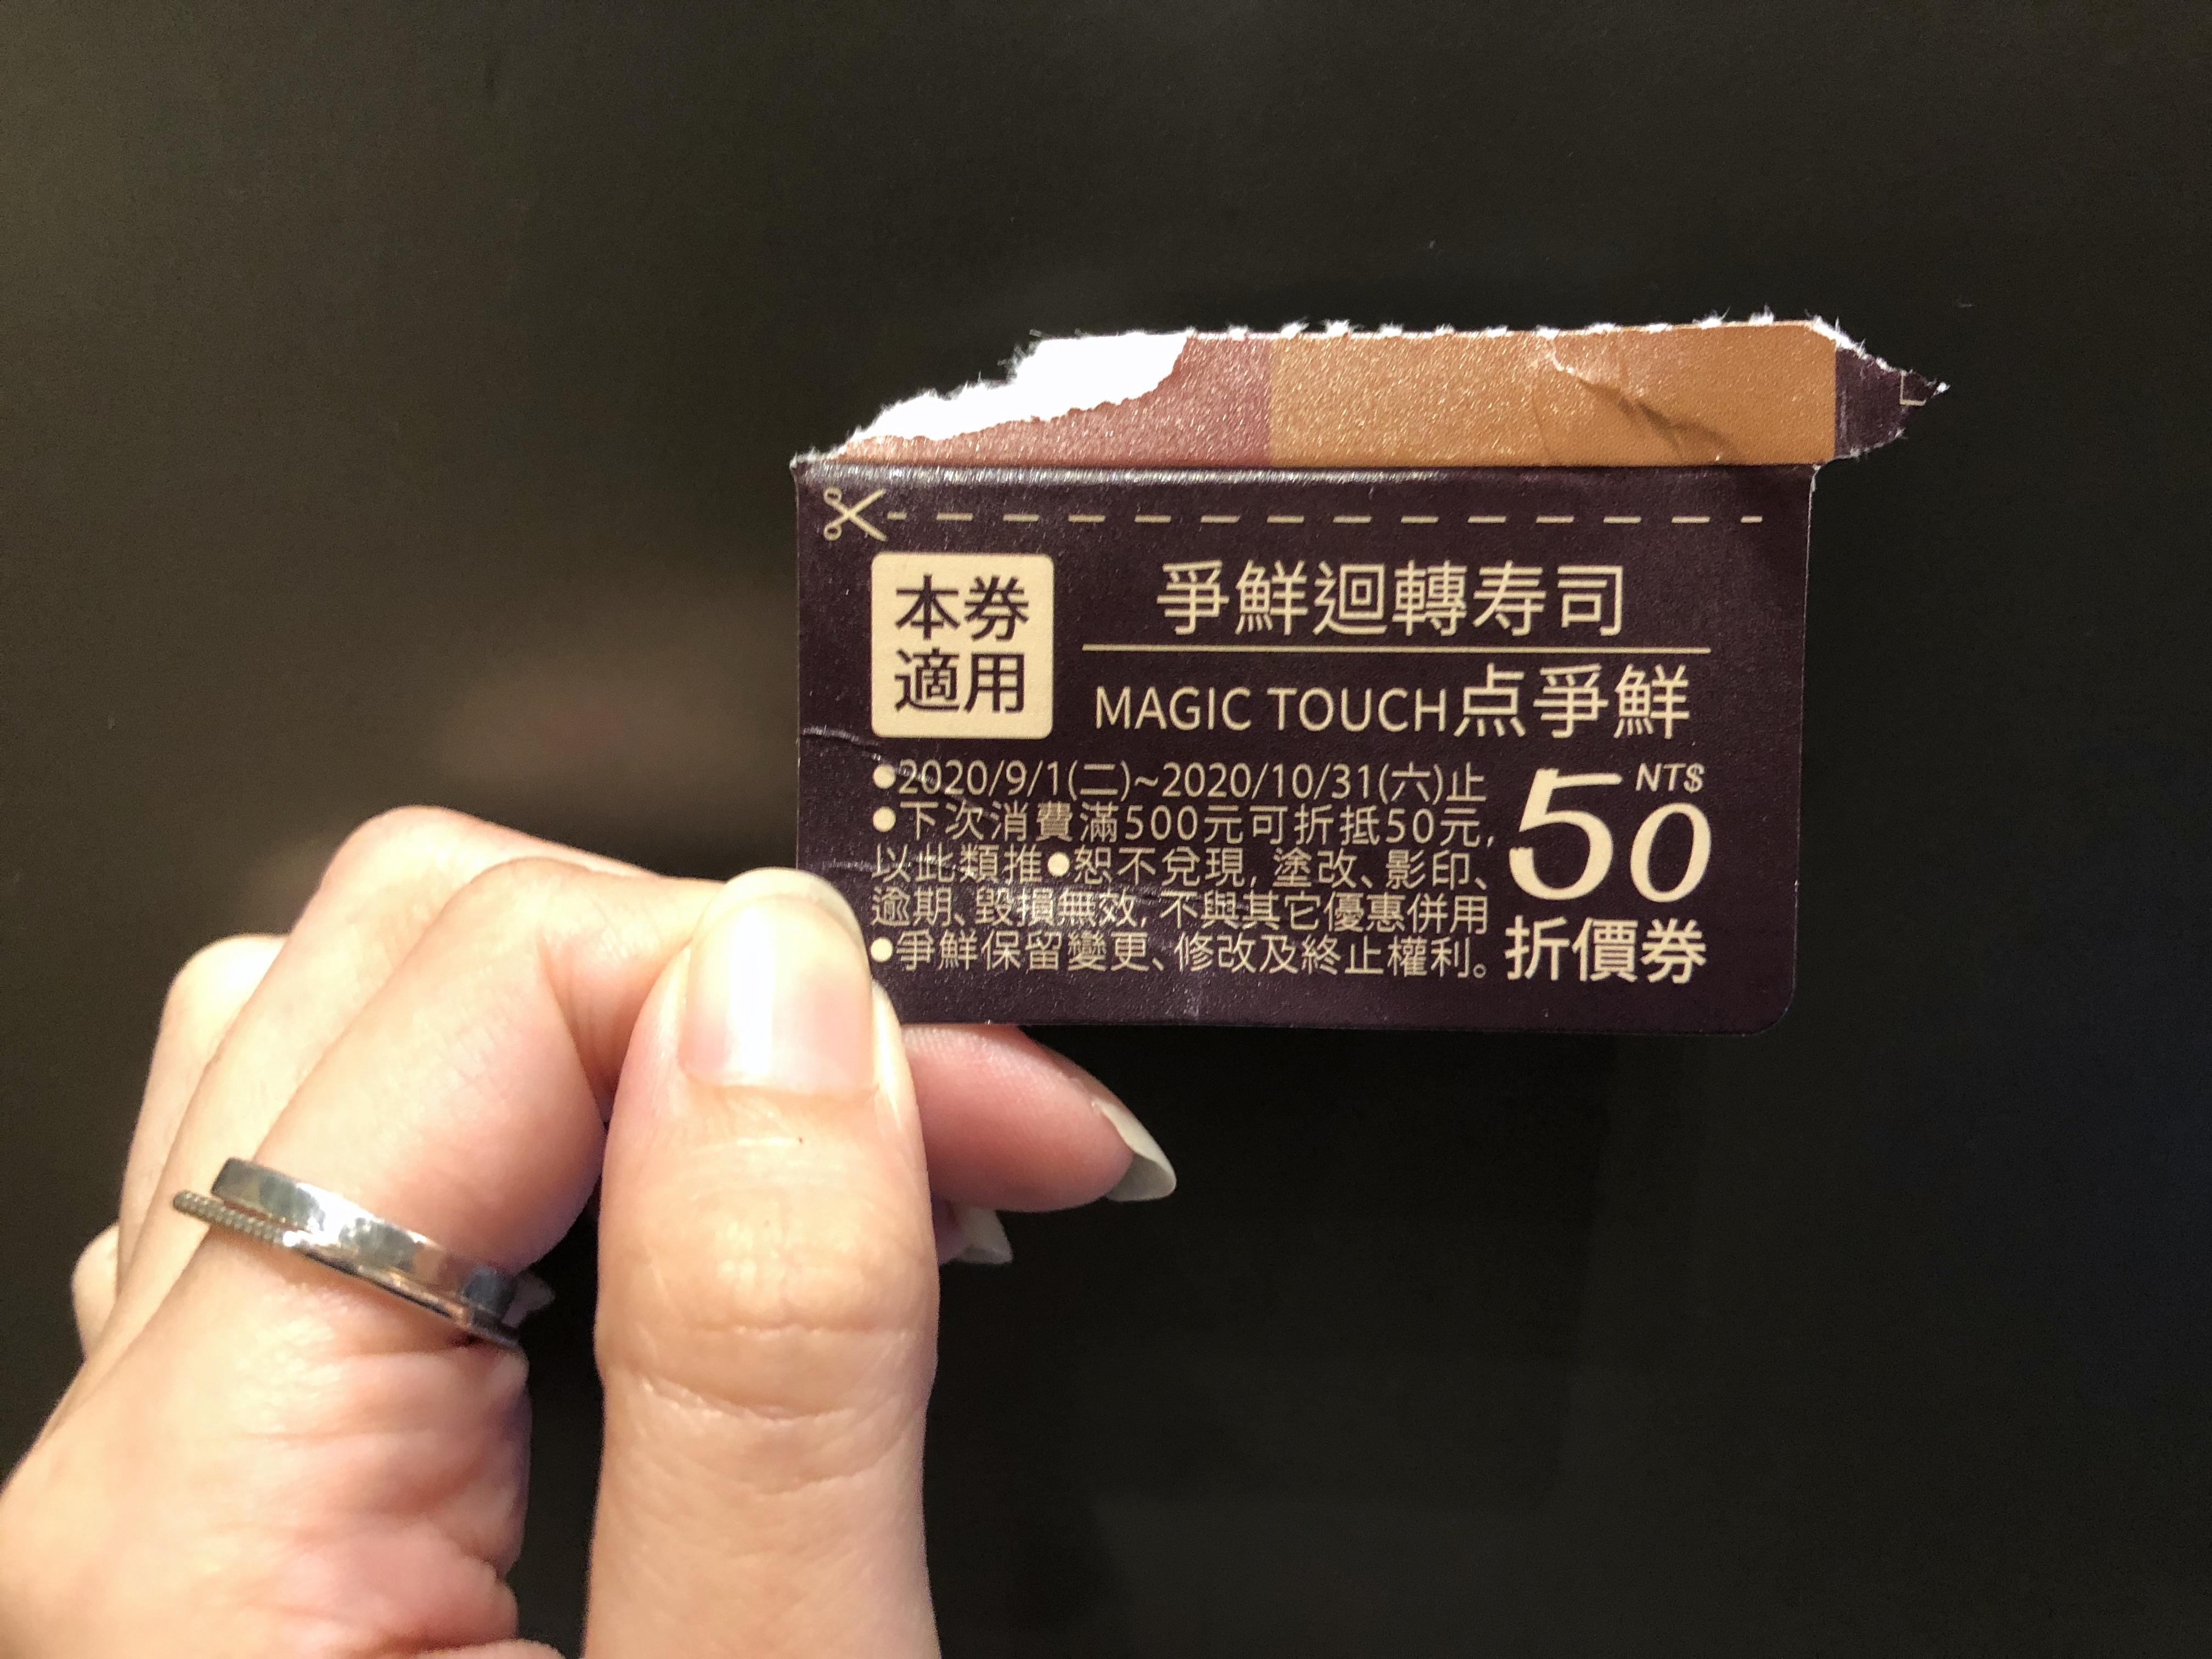 點爭鮮 x Godiva夏威夷果仁黑巧克力流心冰淇淋